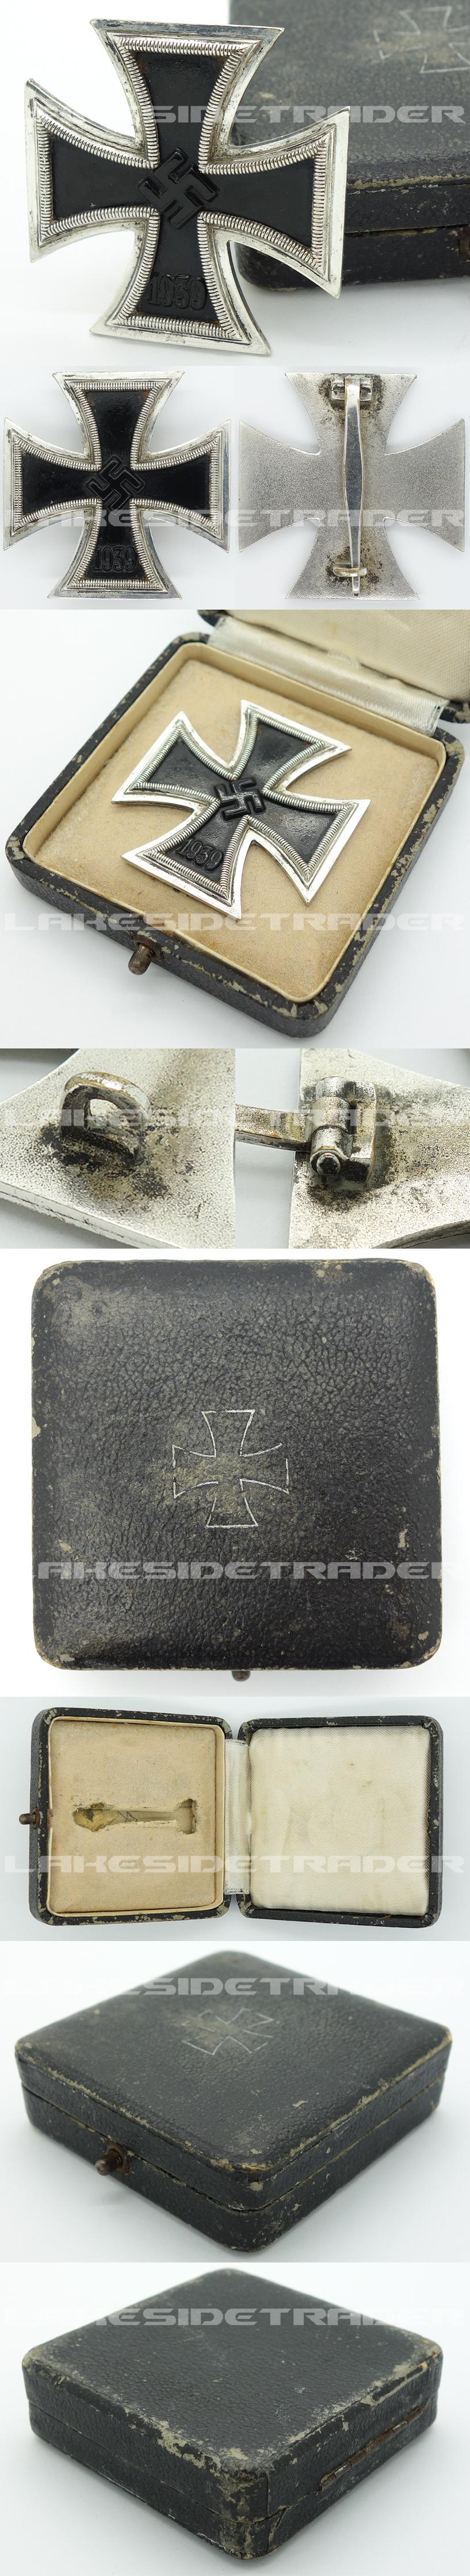 1st Class Iron Cross by Steinhauer & Lück